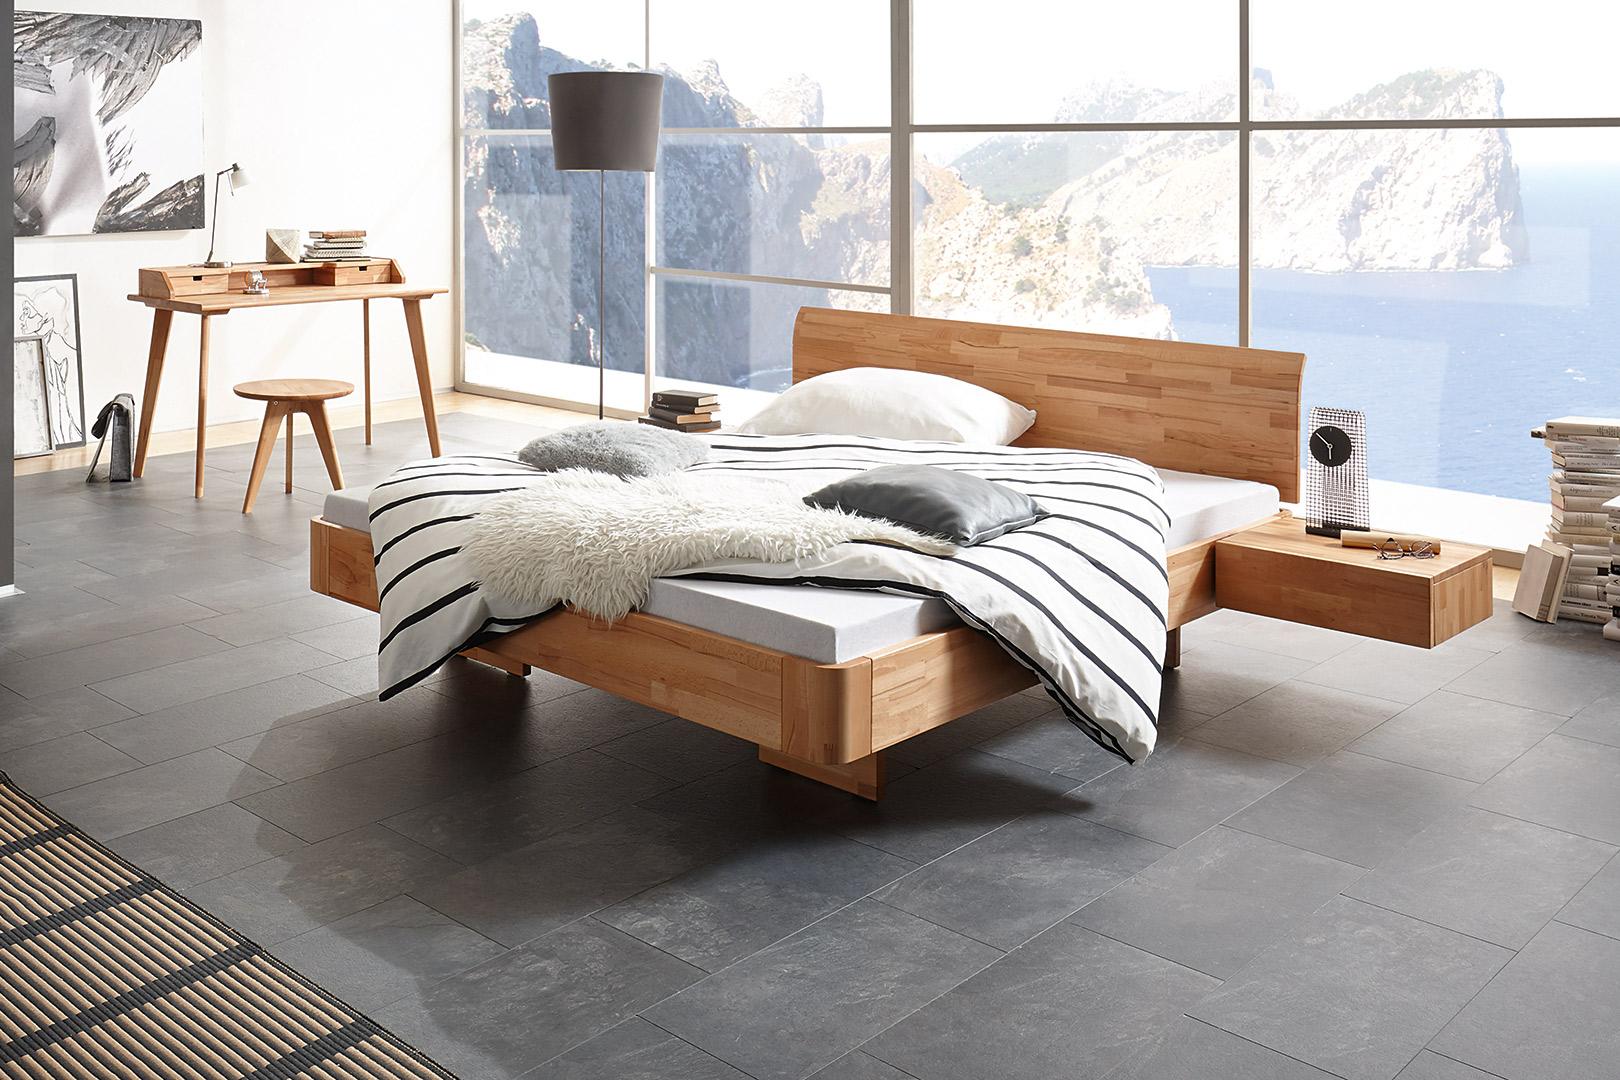 Massivholzbett mit integriertem Nachttisch individuell konfigurieren bei sitec-schlafsysteme in Büren